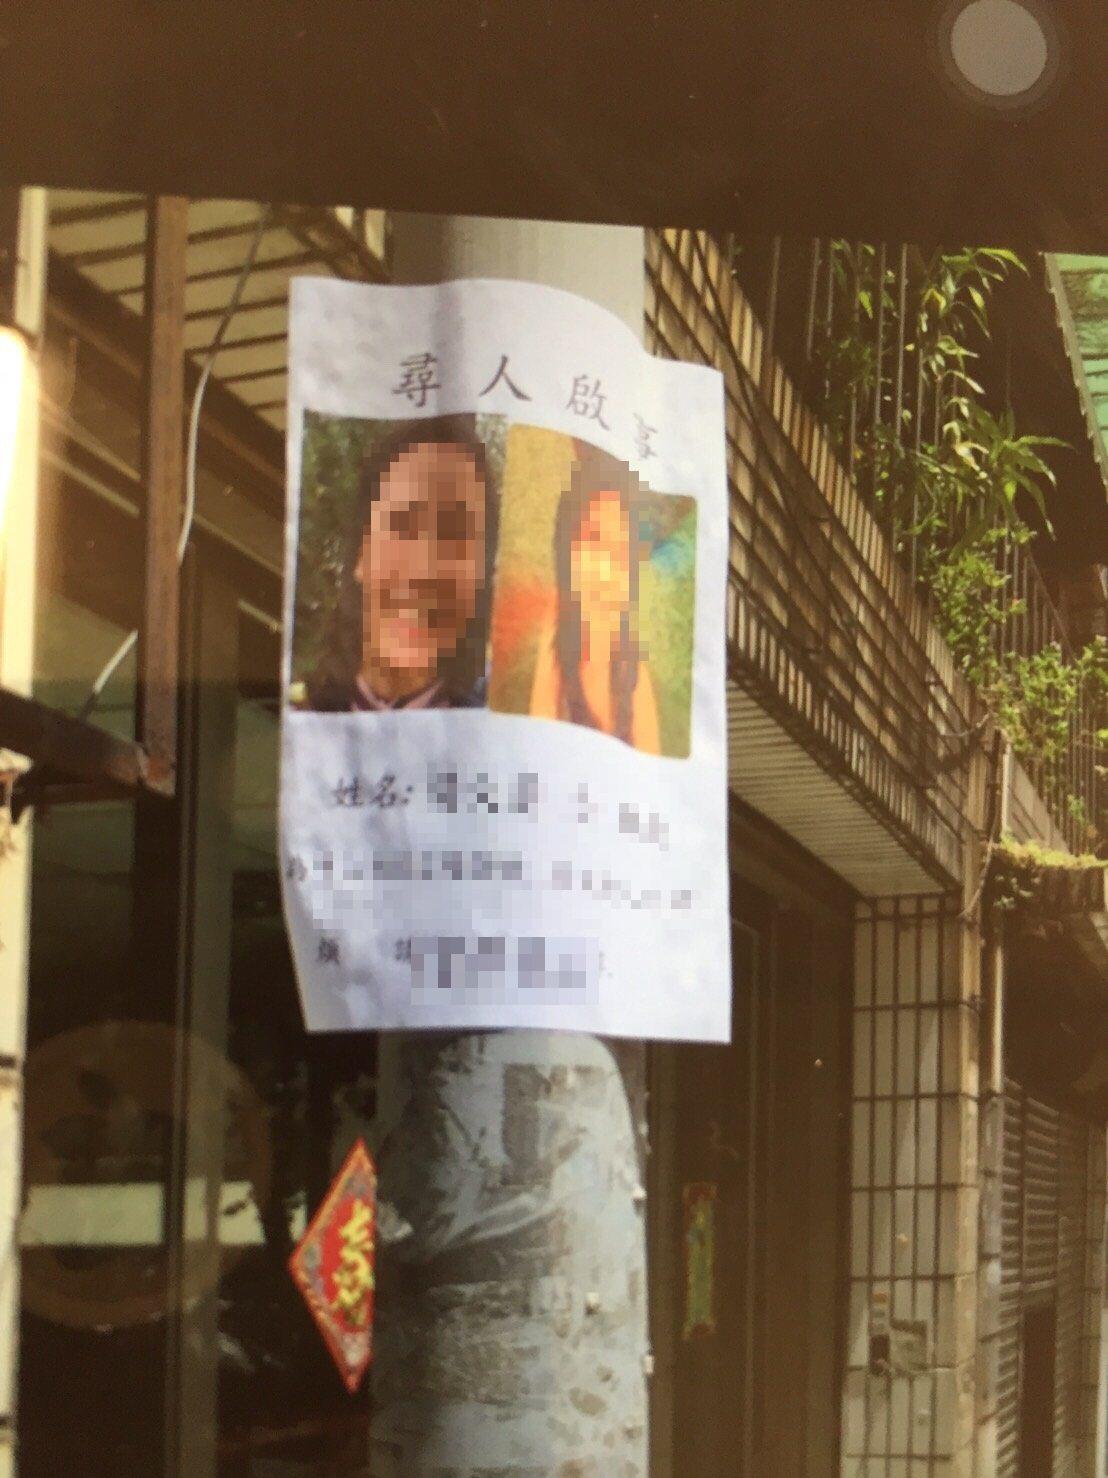 呂嫌雇人四處張貼前女友的照片,意圖破壞名譽。 記者林昭彰/翻攝